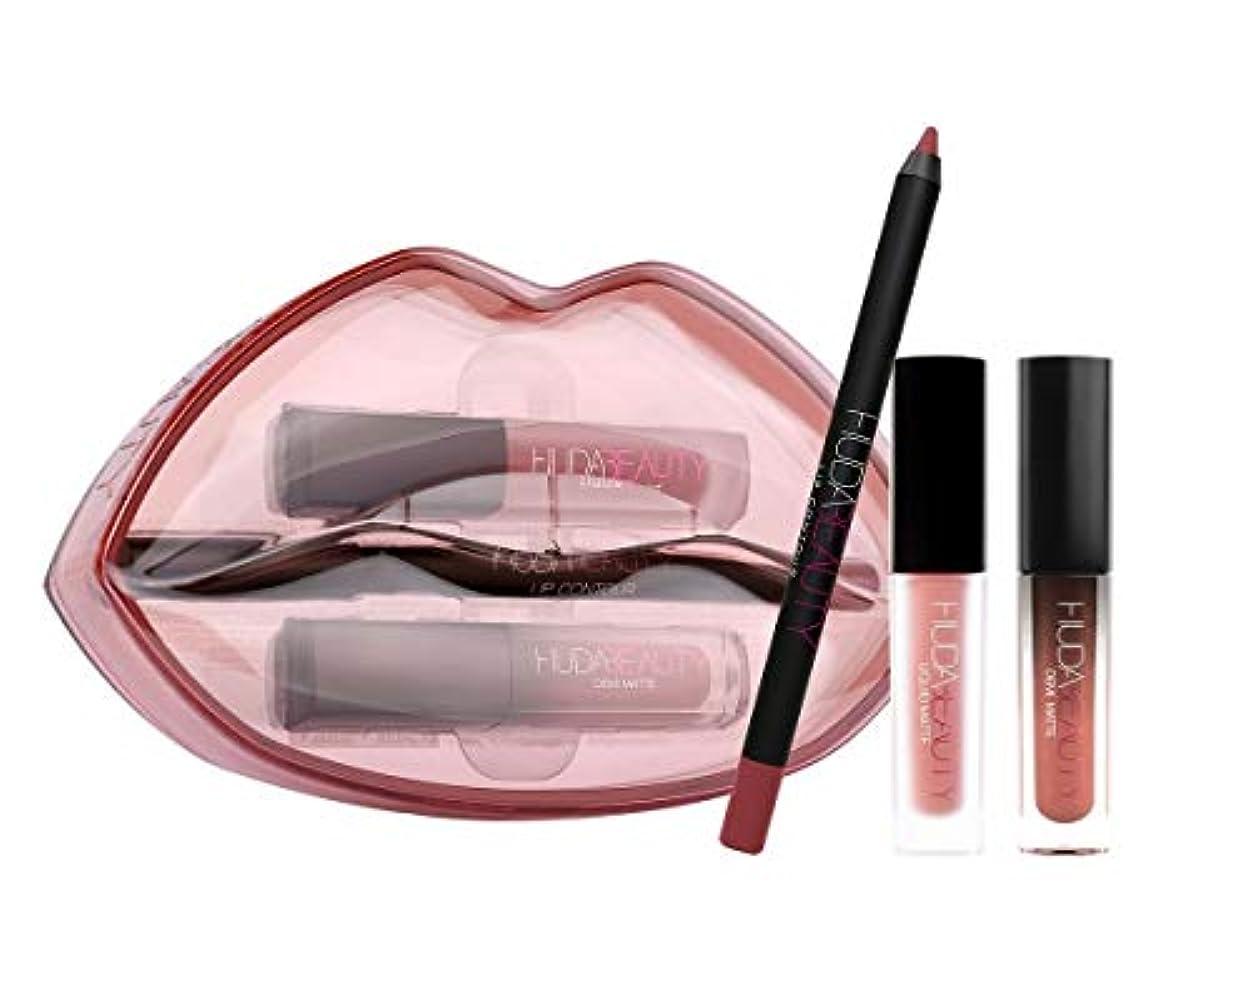 HUDABEAUTY フーダビューティ リップ Demi Matte & Cream Lip Set Mogul & Bombshell